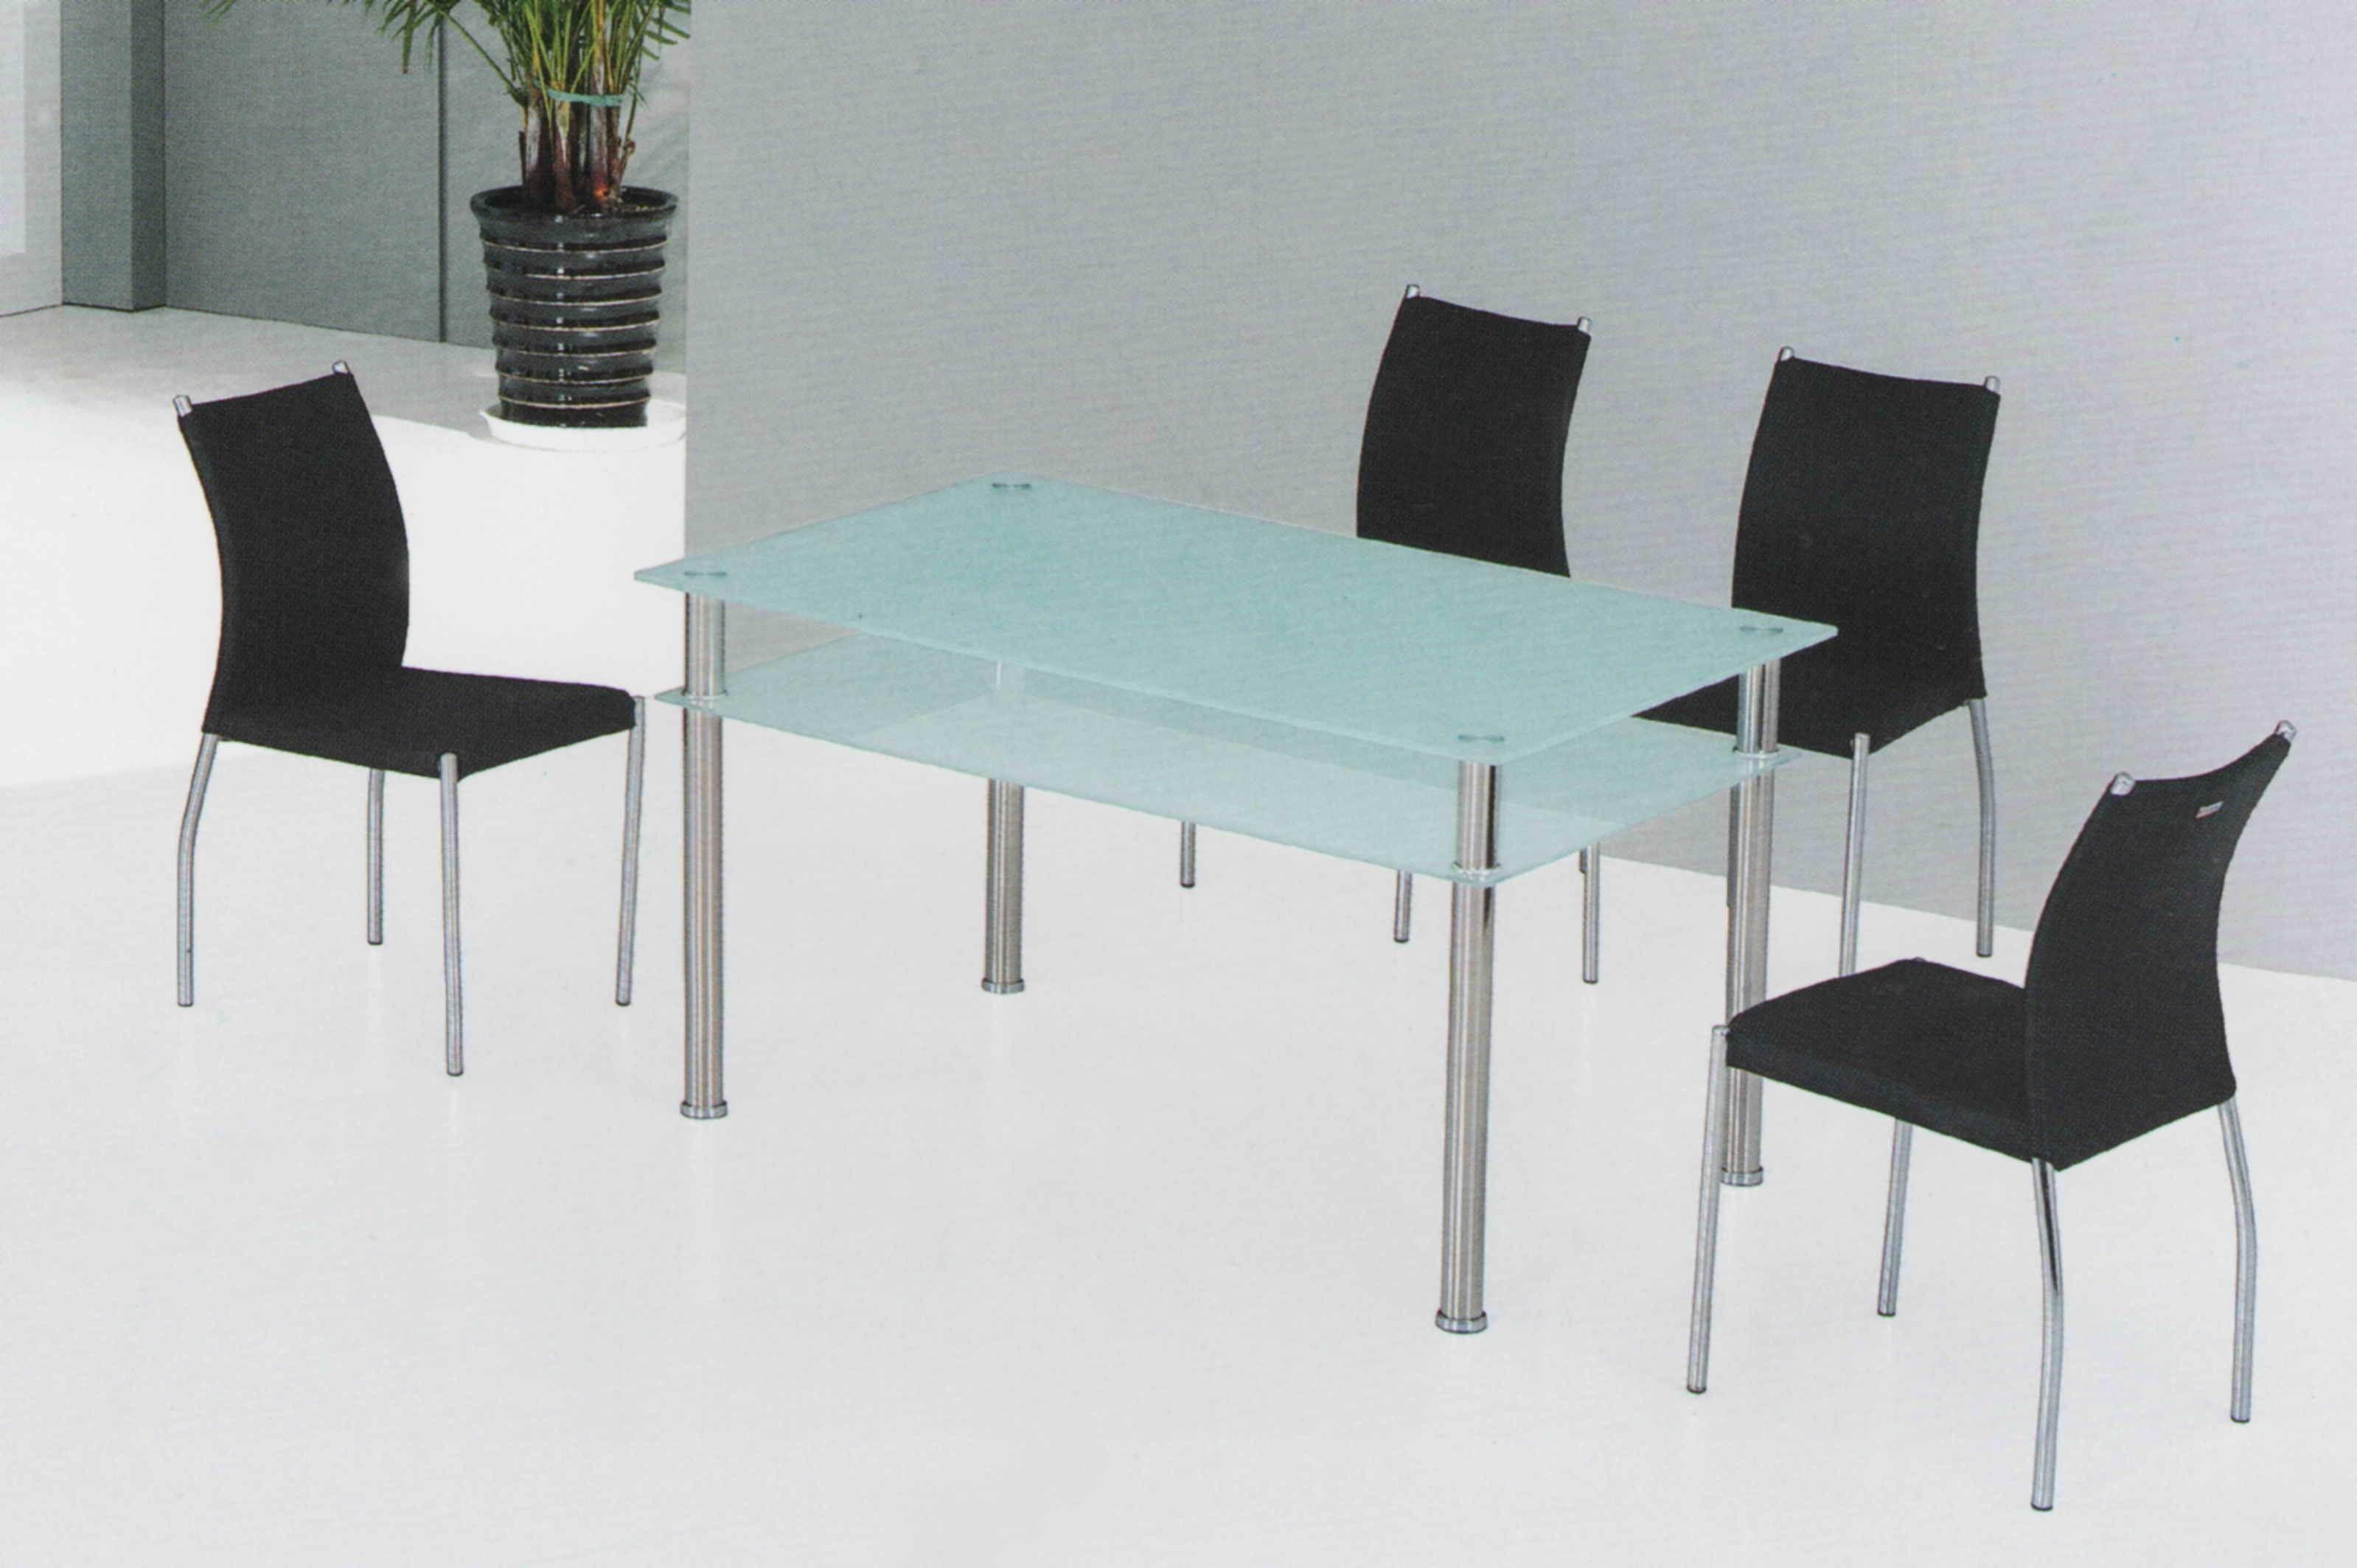 Schmale Glas Top Esstisch, Küchentisch Zum Verkauf Quadratischen ...